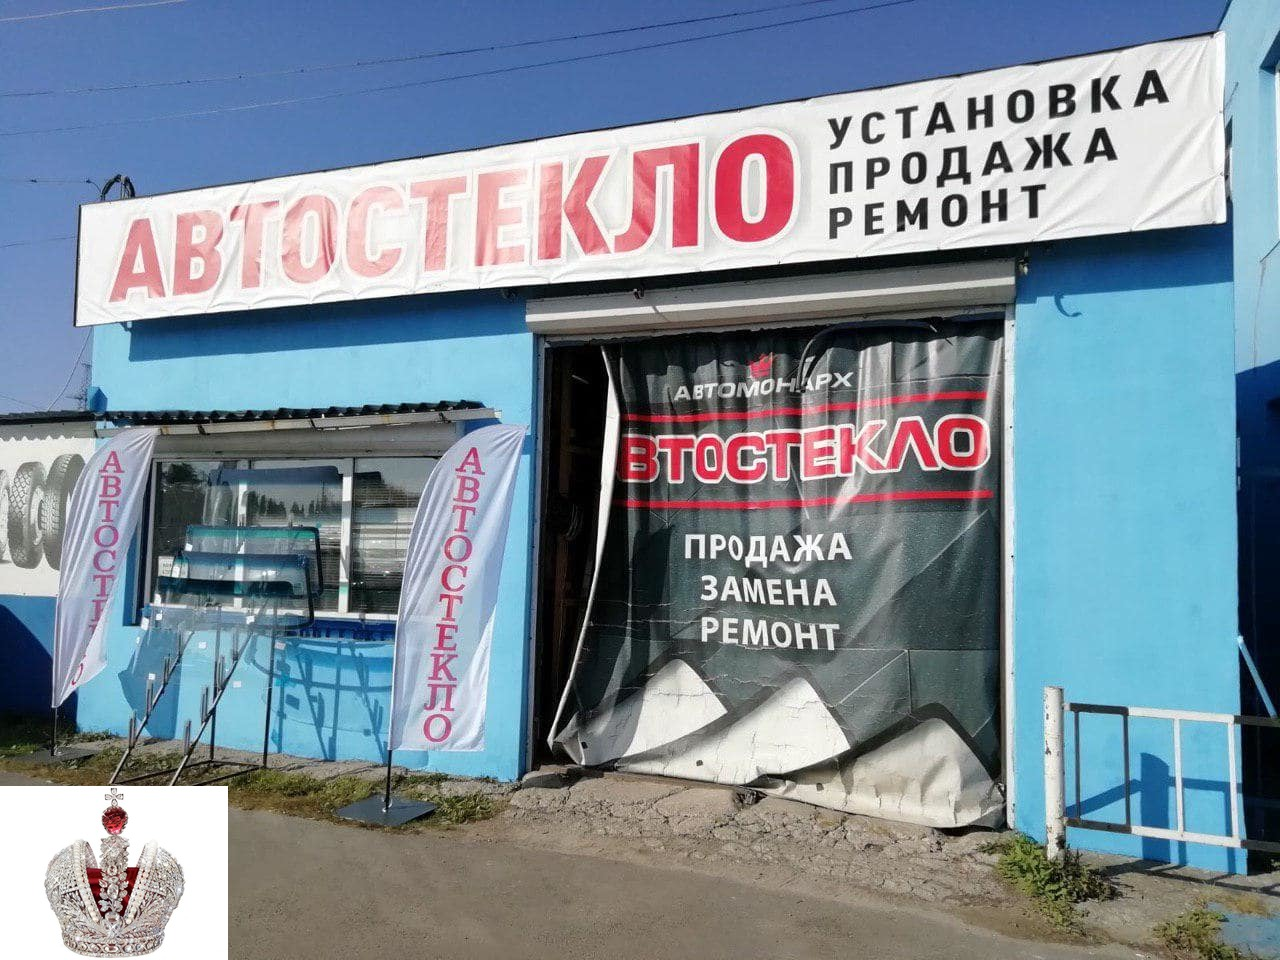 Продаж автостекол в Авто Монарх в Харькове